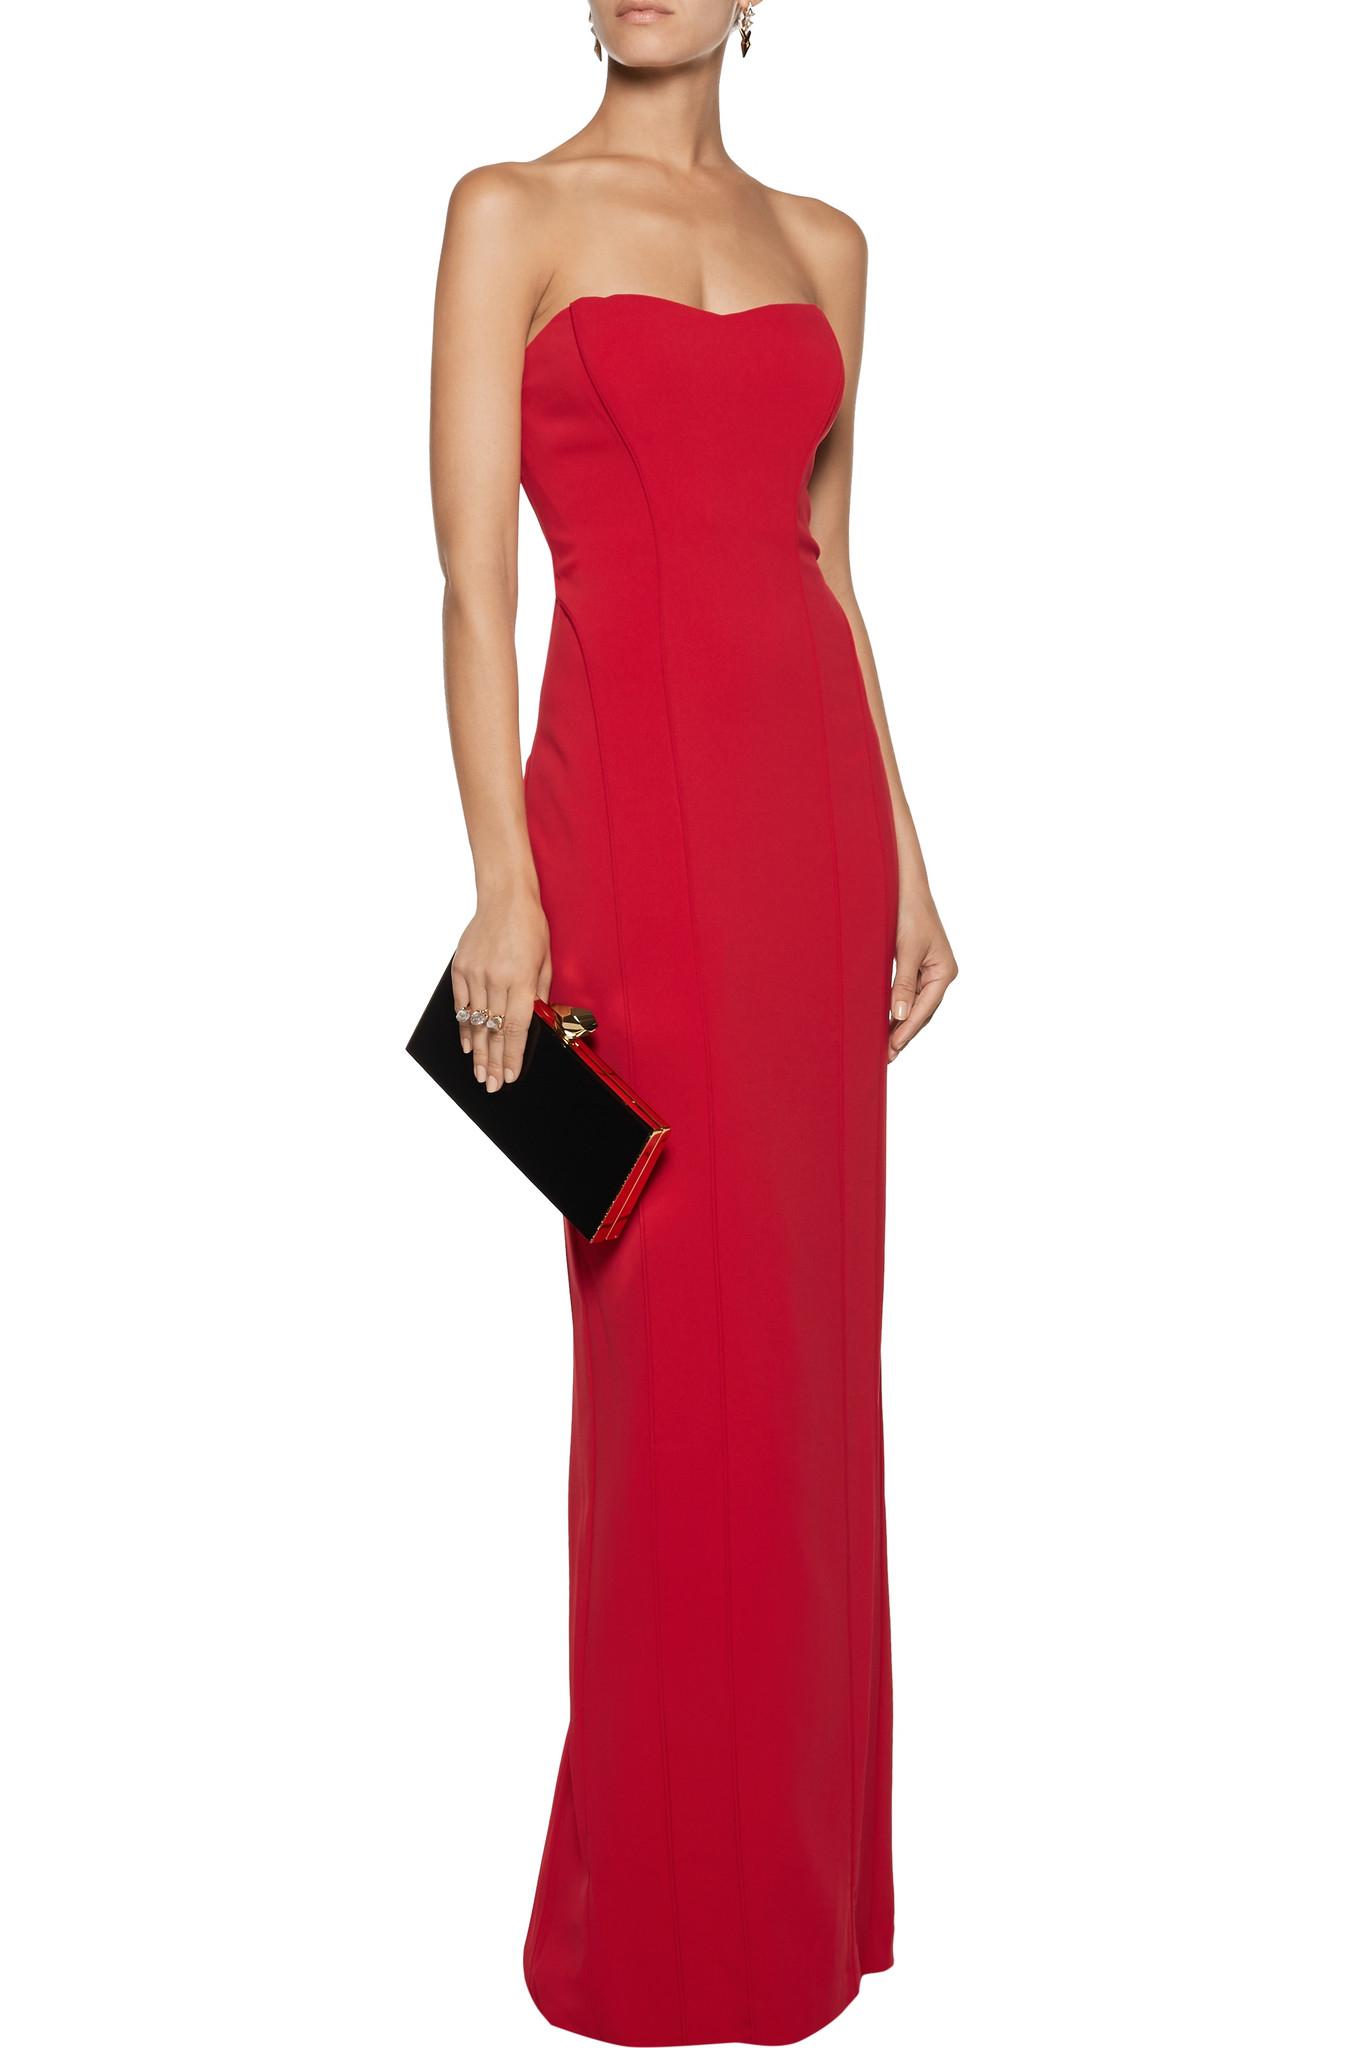 Badgley Mischka Odessa Ponte Gown in Red - Lyst